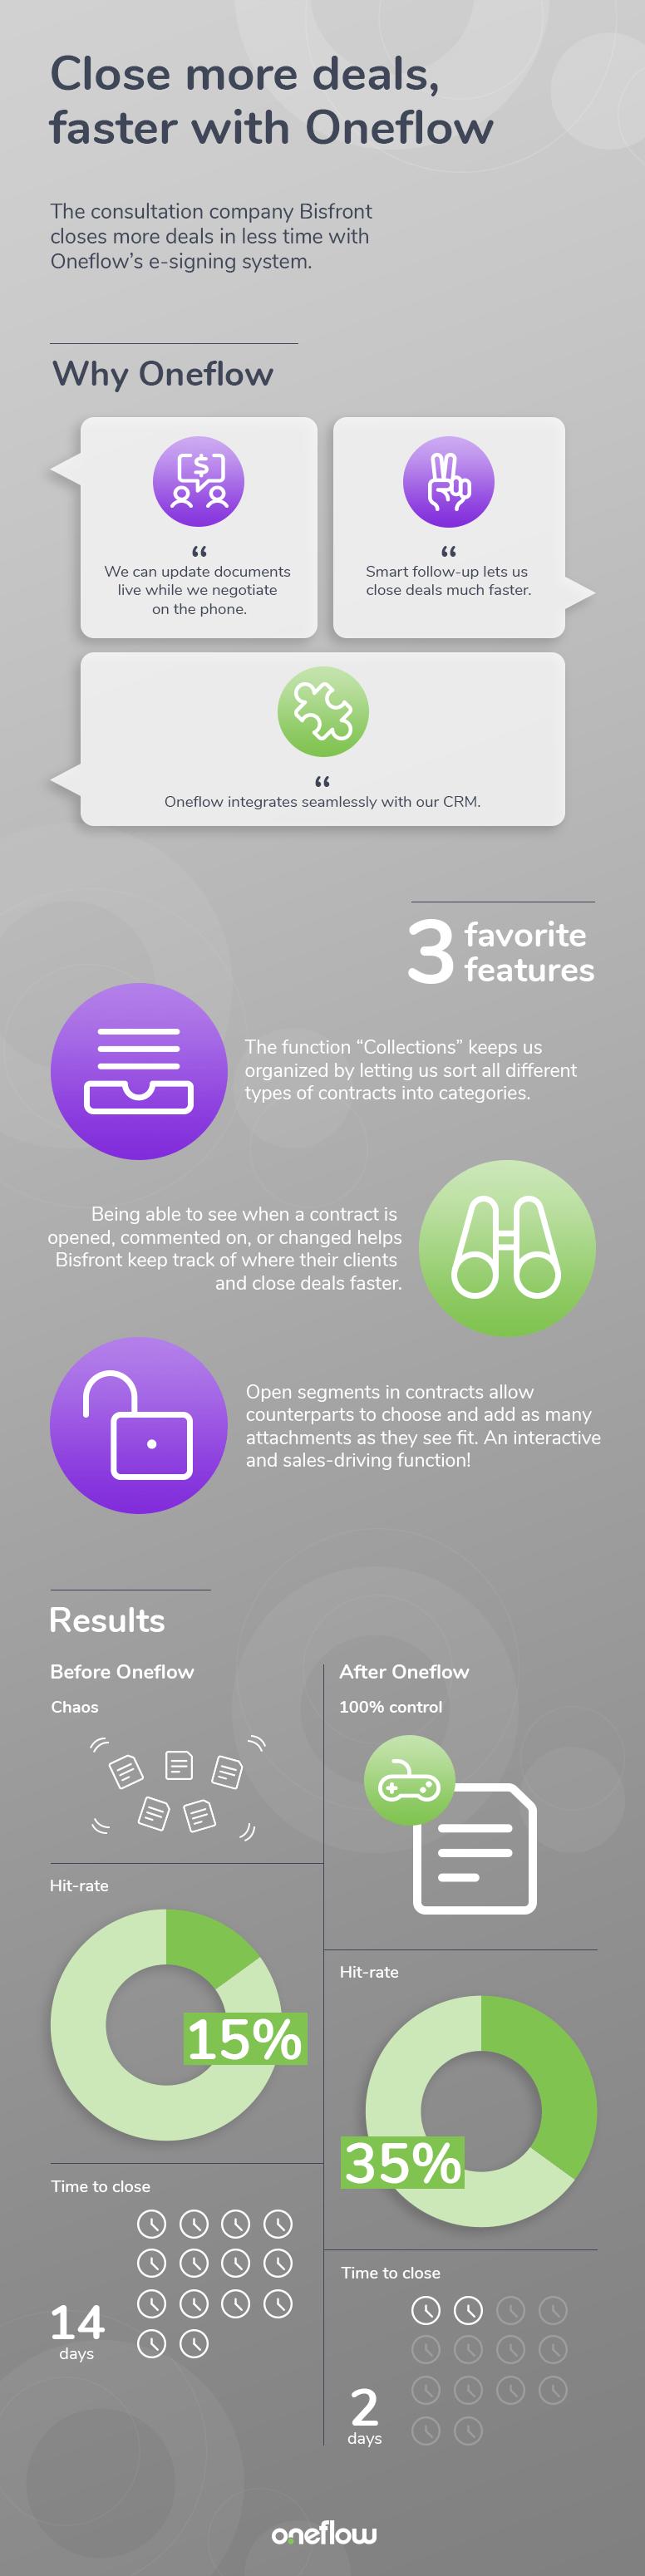 infographic bisfront